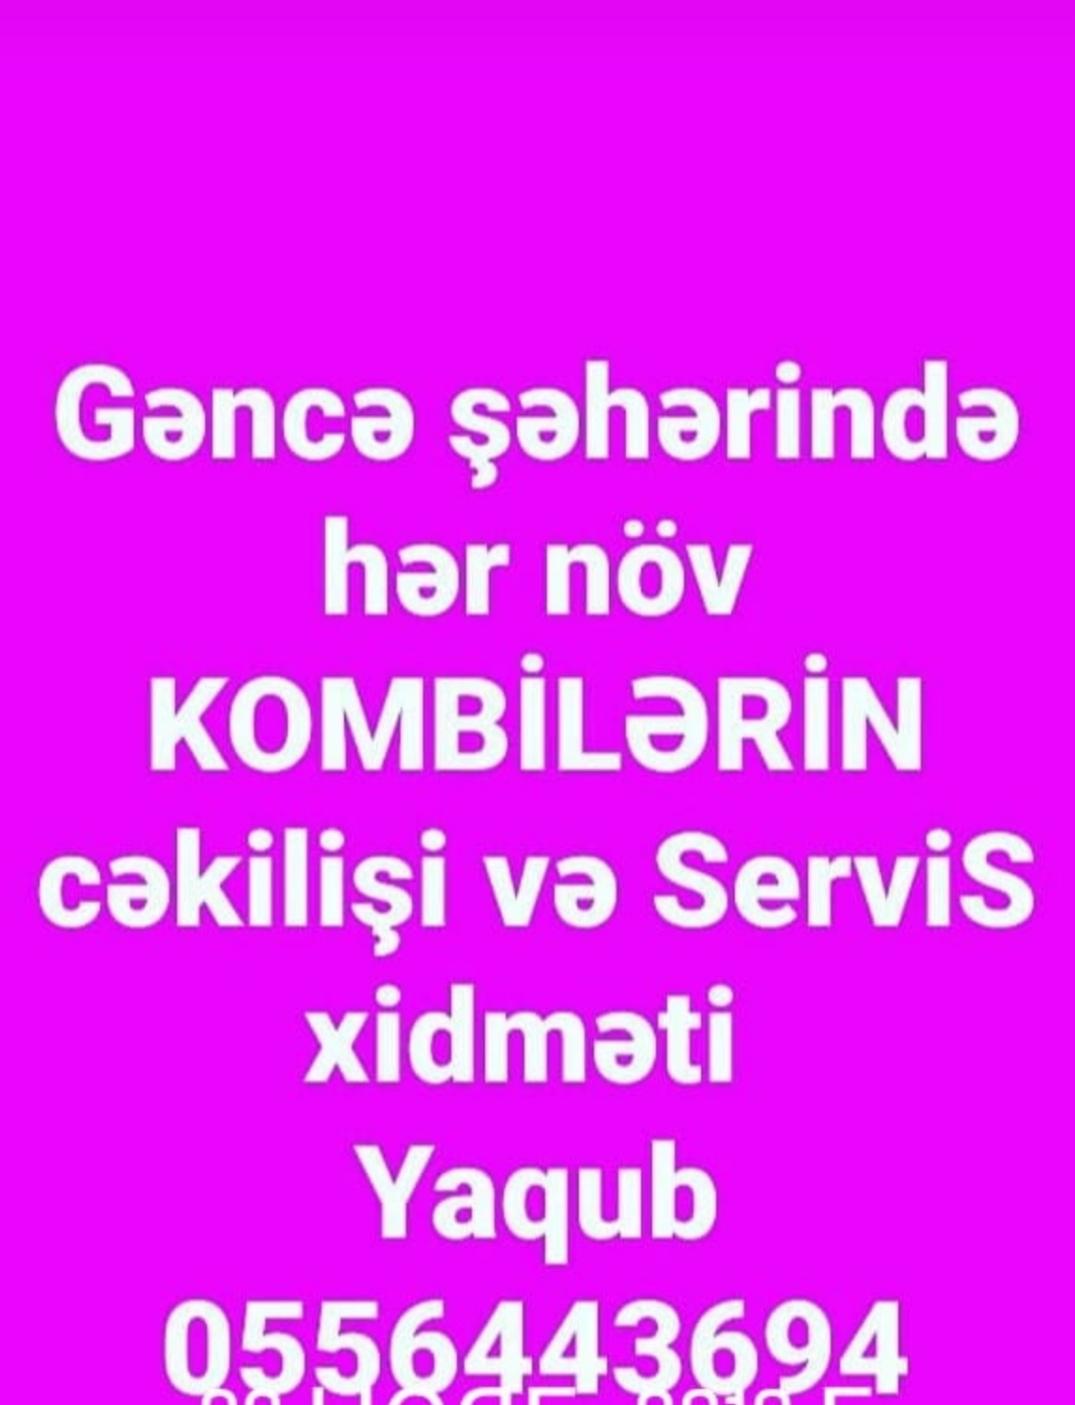 Gəncədə kombi sistemi cəkilişi və servis xidmətləri Yaqub usta